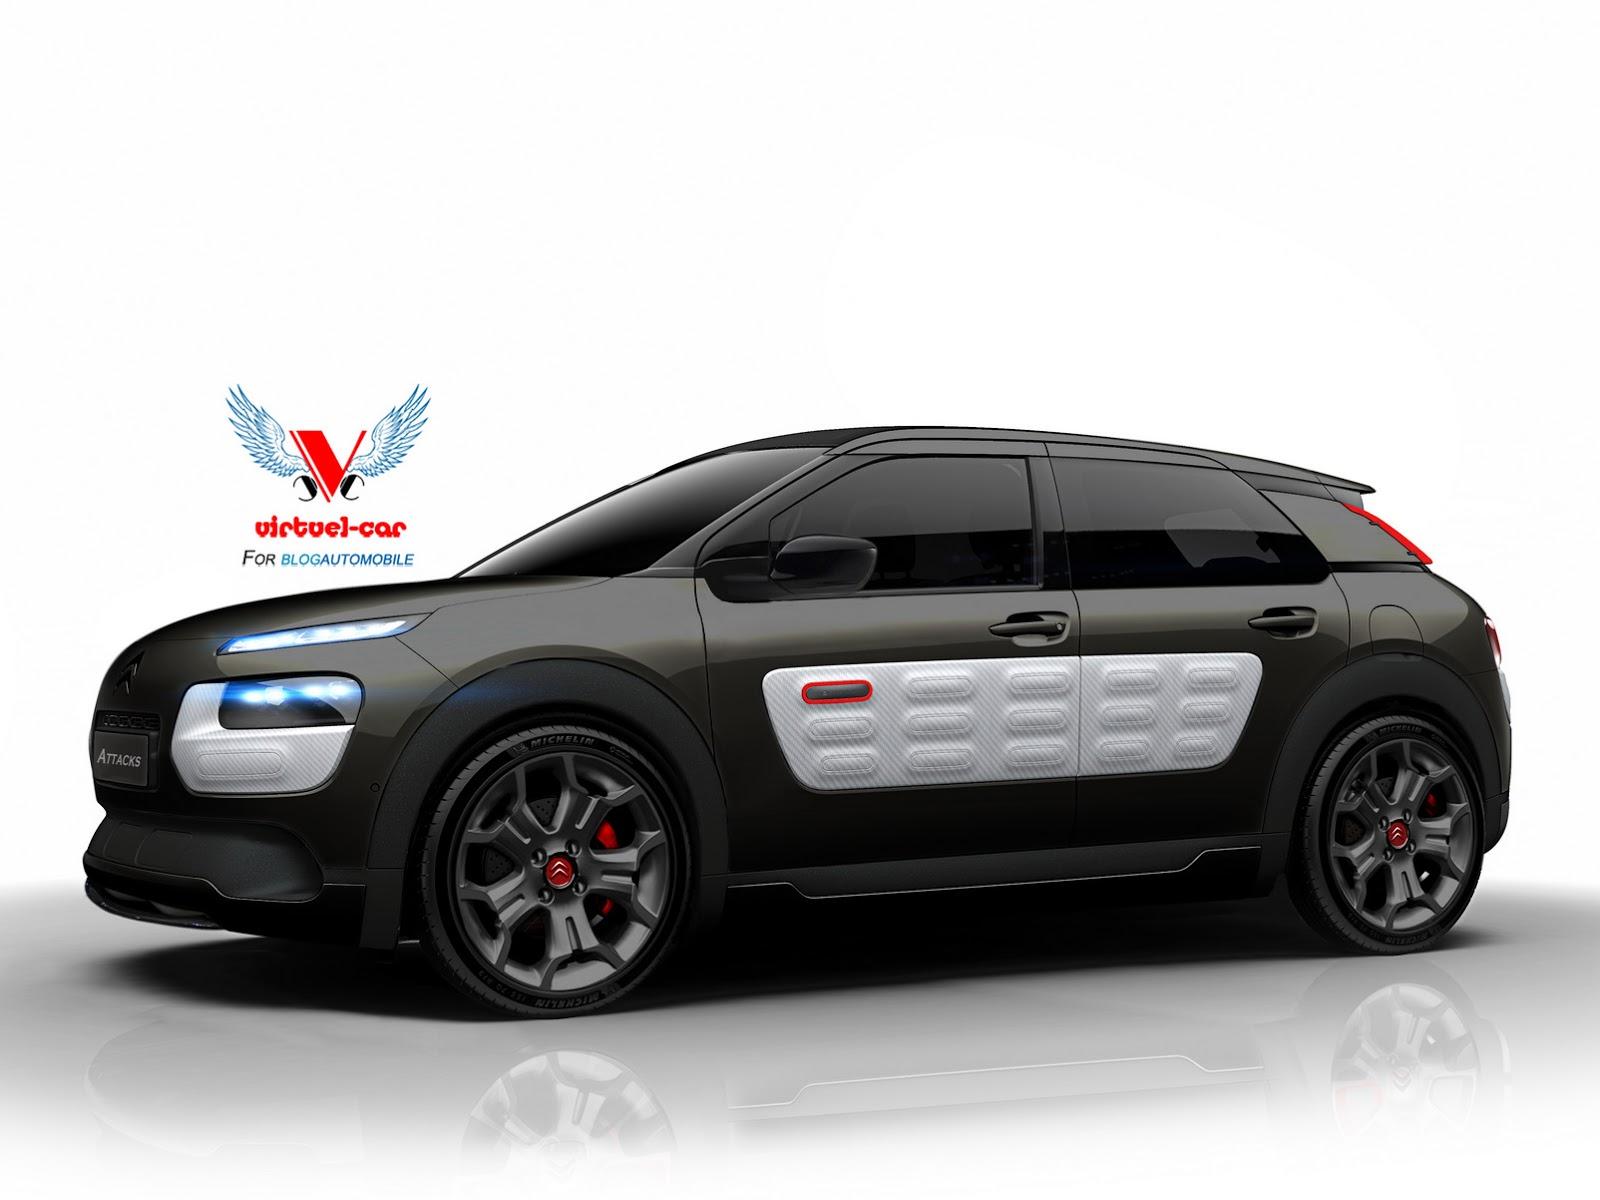 Lexus F Sport >> How About a Citroen C4 Cactus Sport? | Carscoops